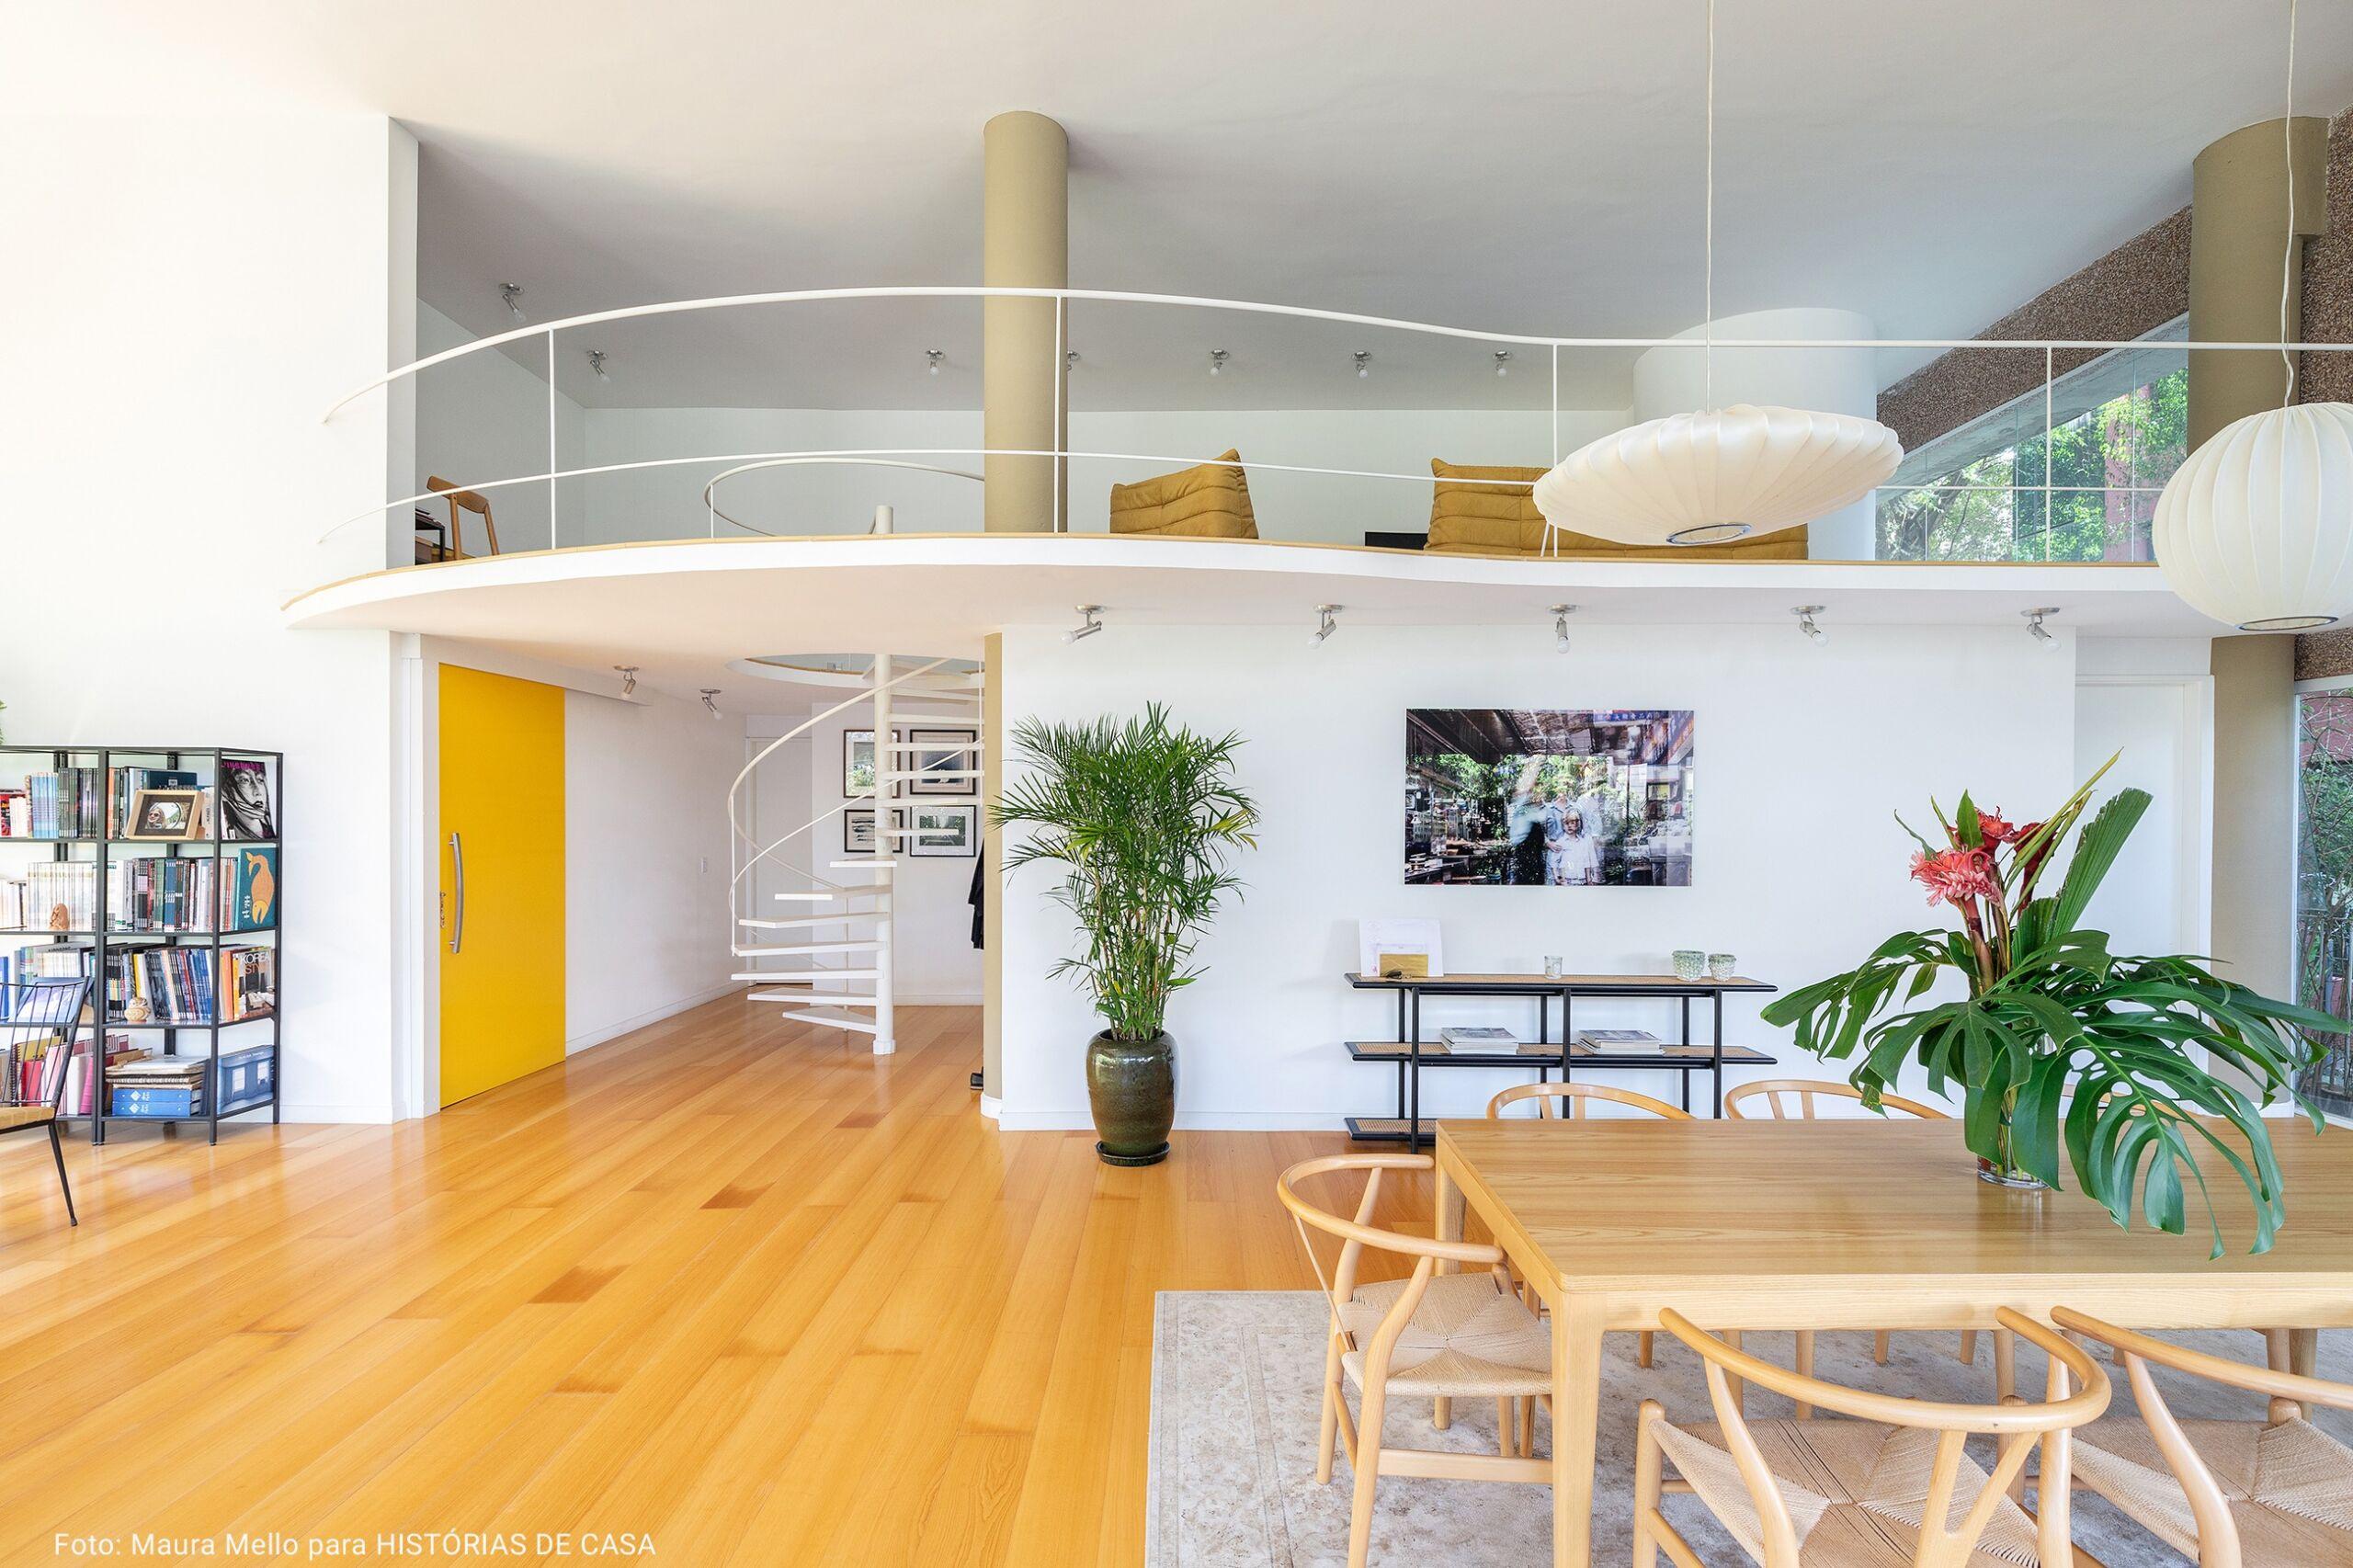 sala de jantar com mesanino e porta amarela